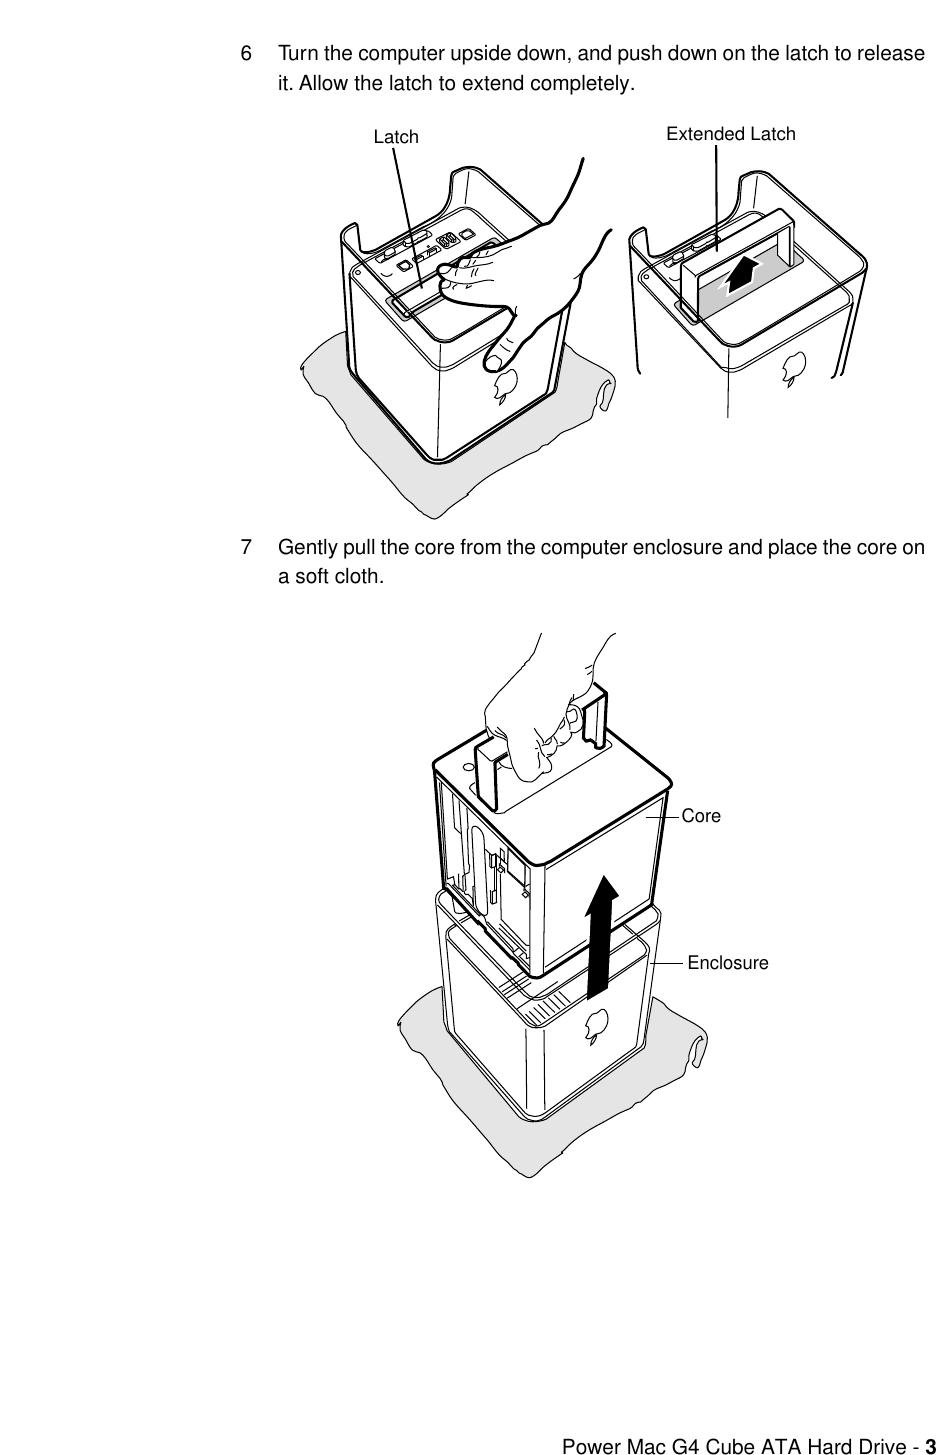 Apple PowerMacG4(Cube) User Manual Power Mac G4Cube ATAHard